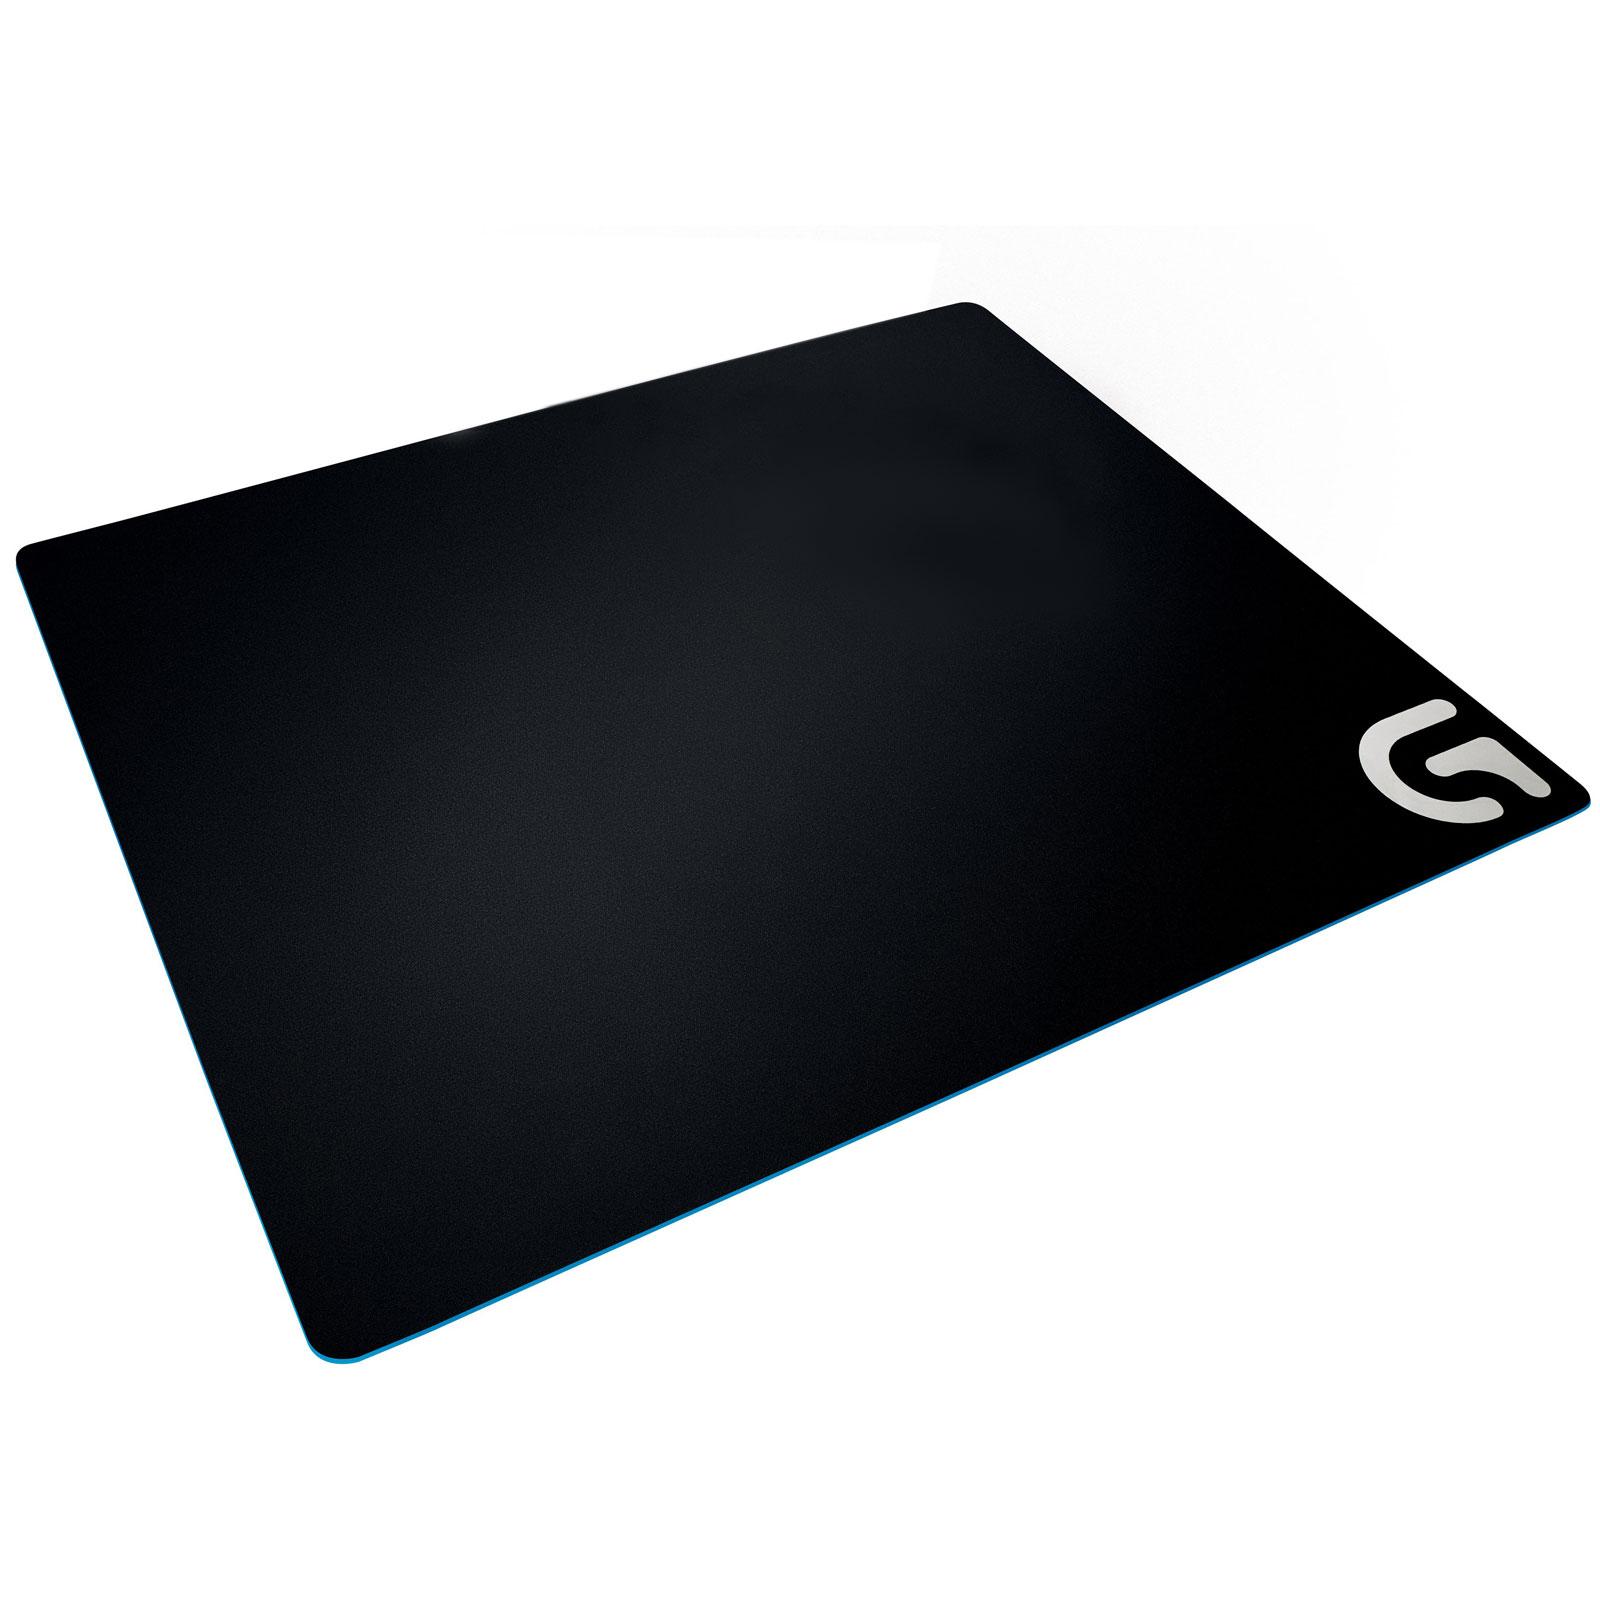 logitech g640 cloth gaming mouse pad tapis de souris logitech sur. Black Bedroom Furniture Sets. Home Design Ideas